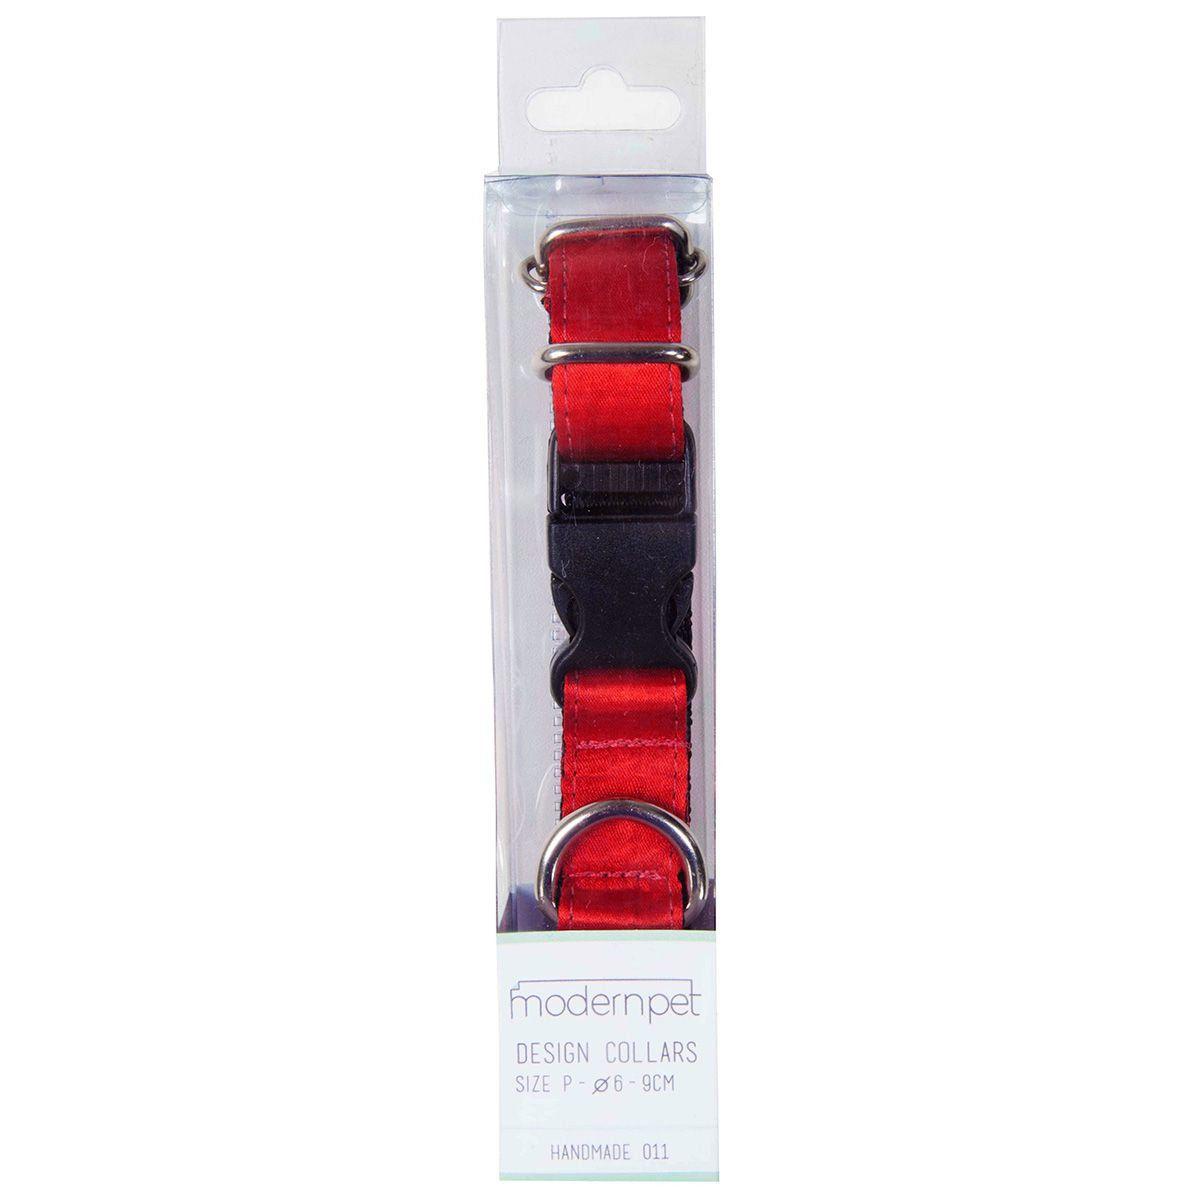 Coleira Modernpet em Nylon Vermelha